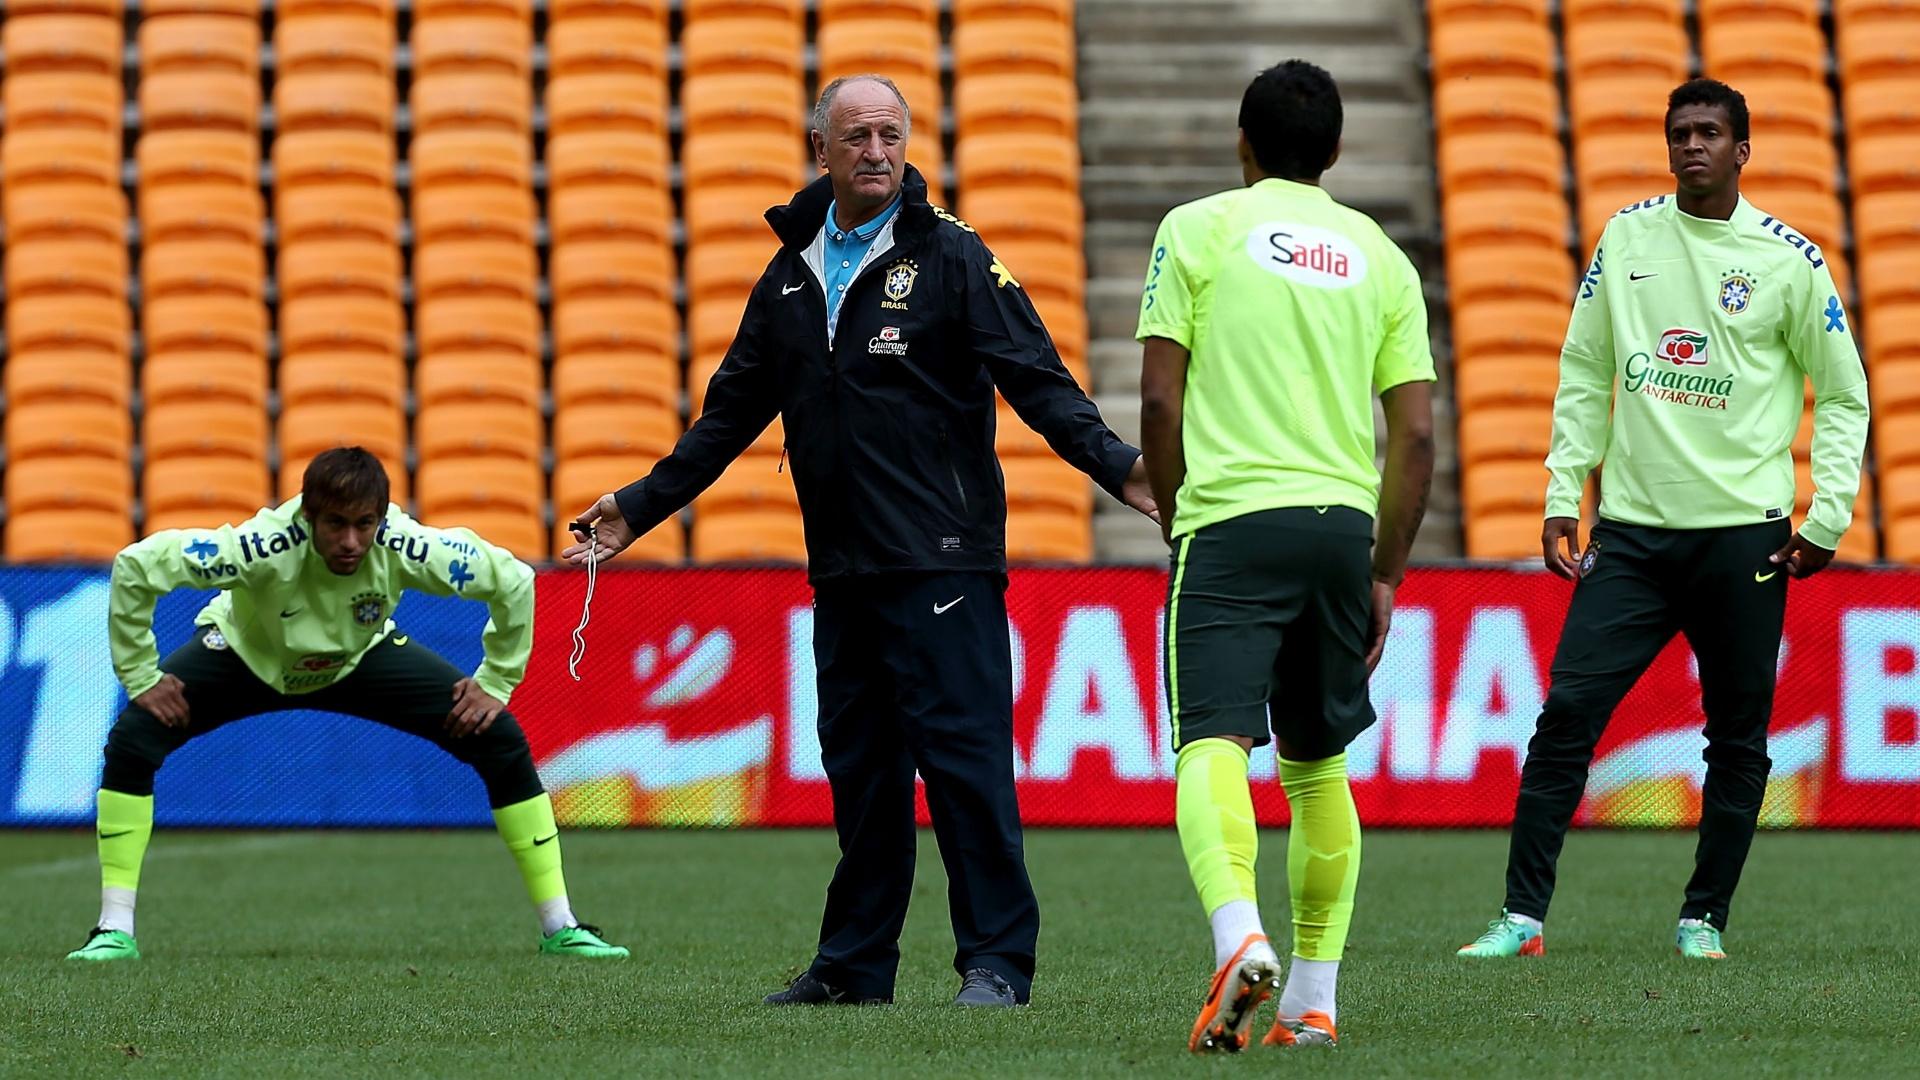 04.03.14 - Felipão gesticula durante treinamento da seleção brasileira na África do Sul